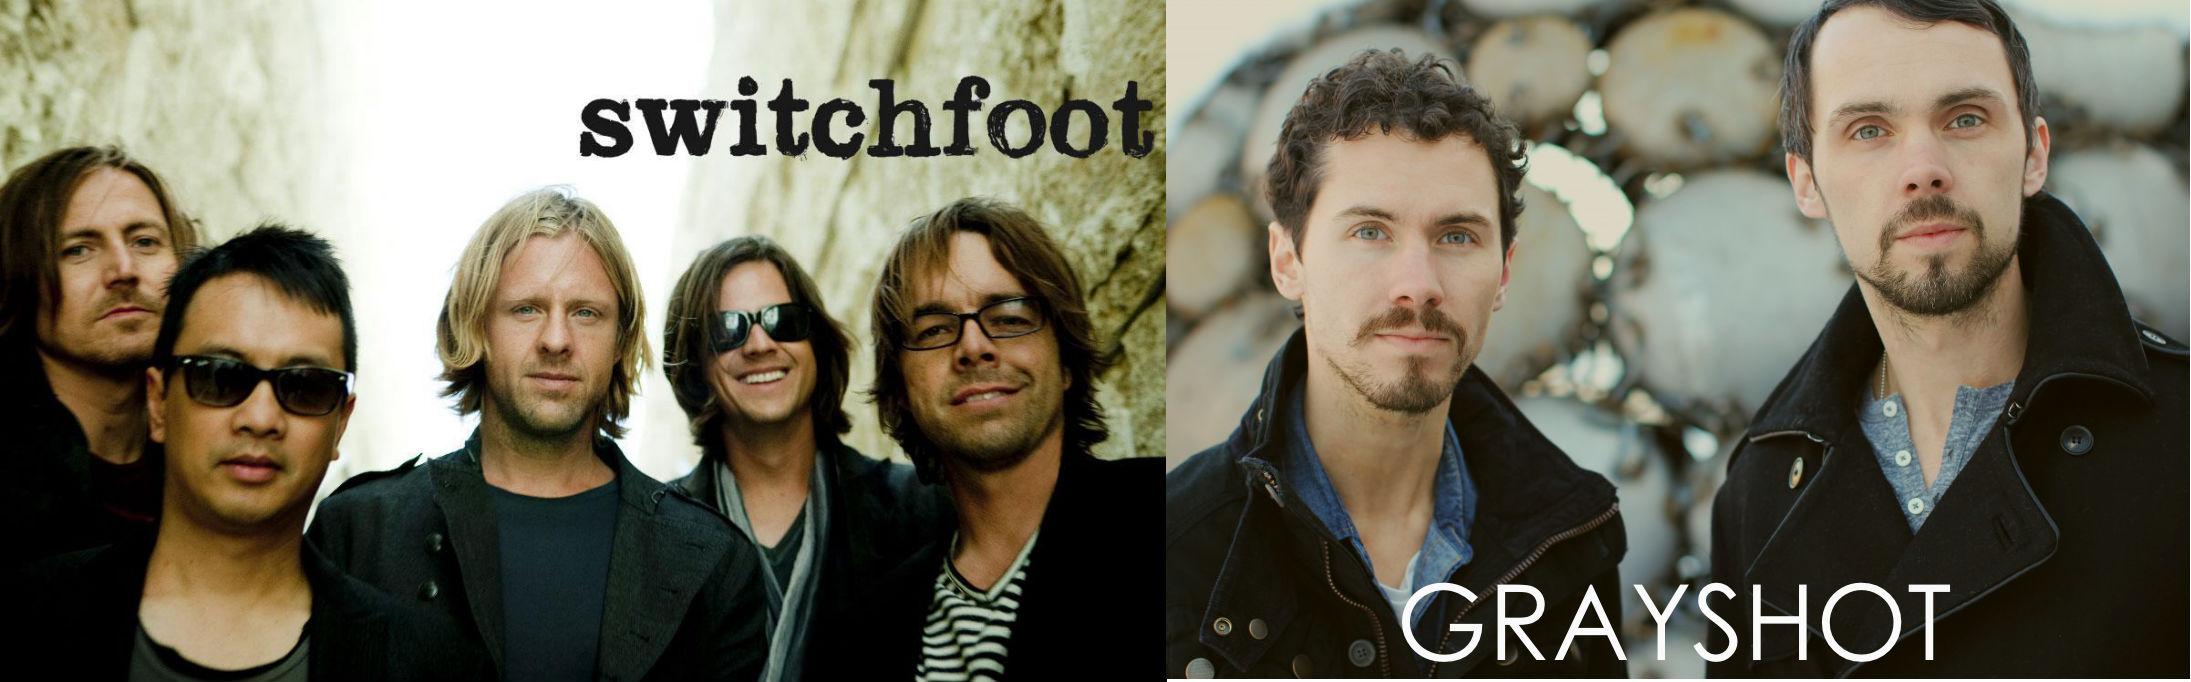 grayshot switchfoot